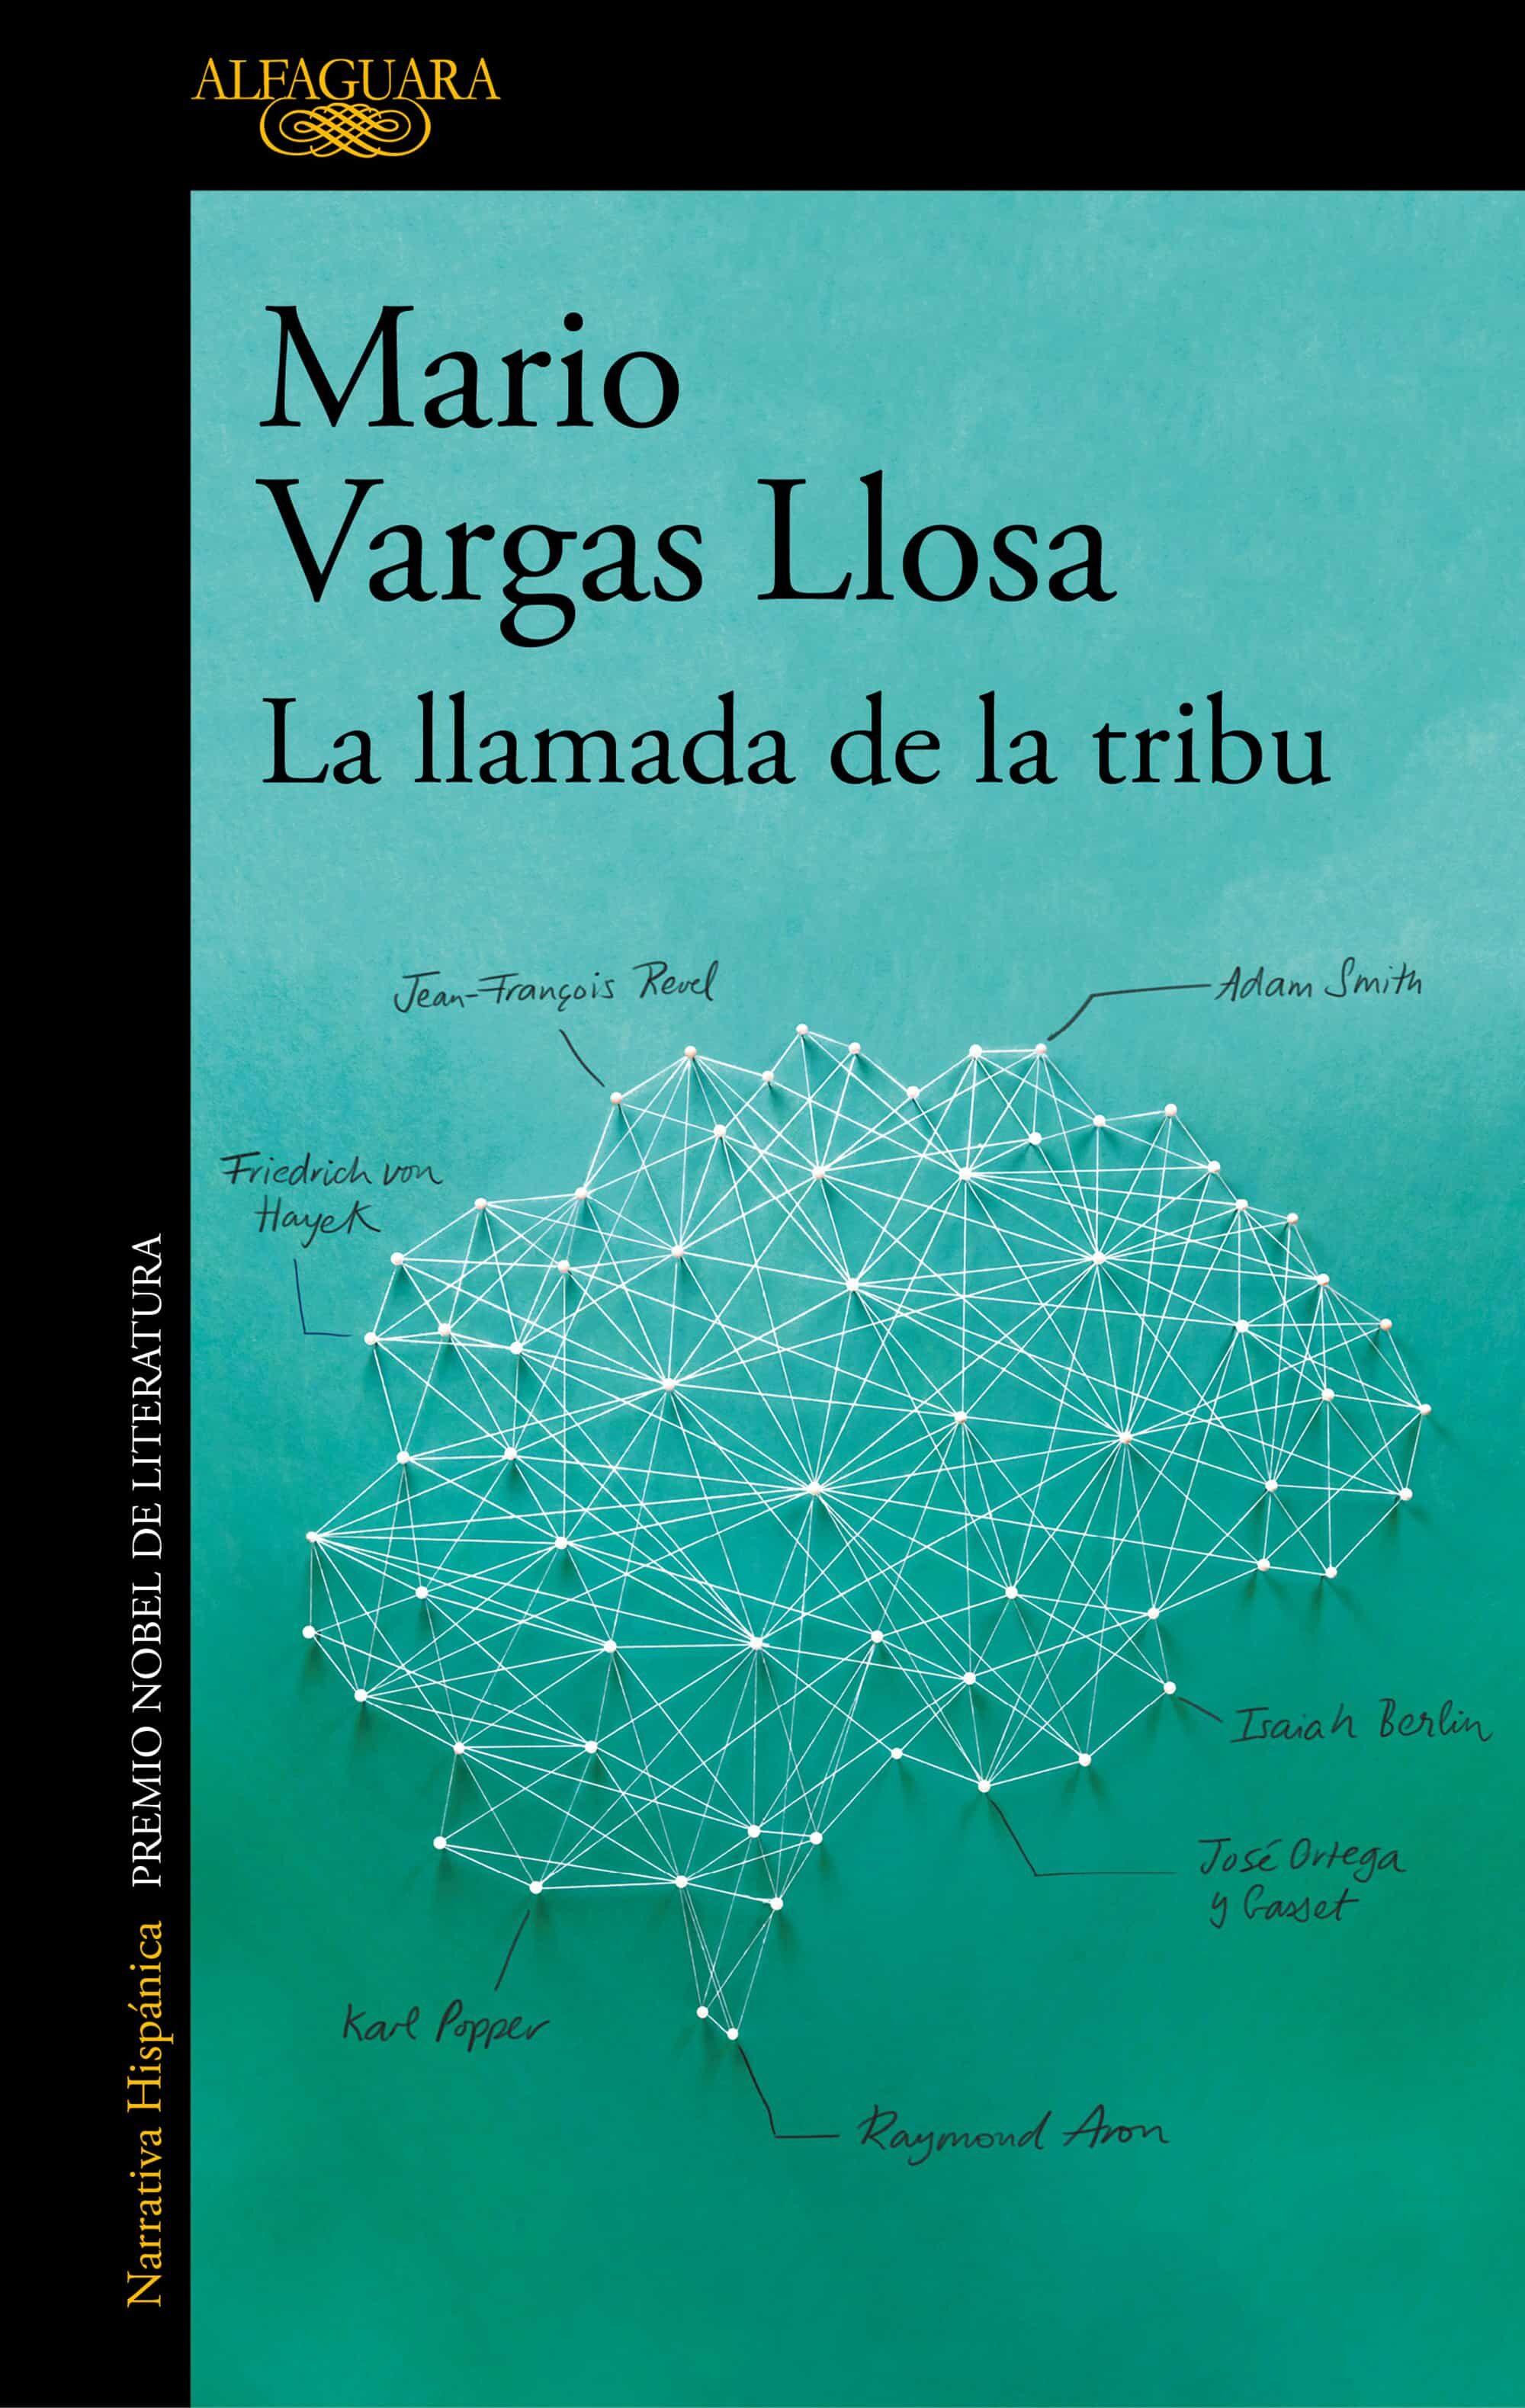 La llamada de la tribu, de Vargas Llosa. Una sugerencia para el verano